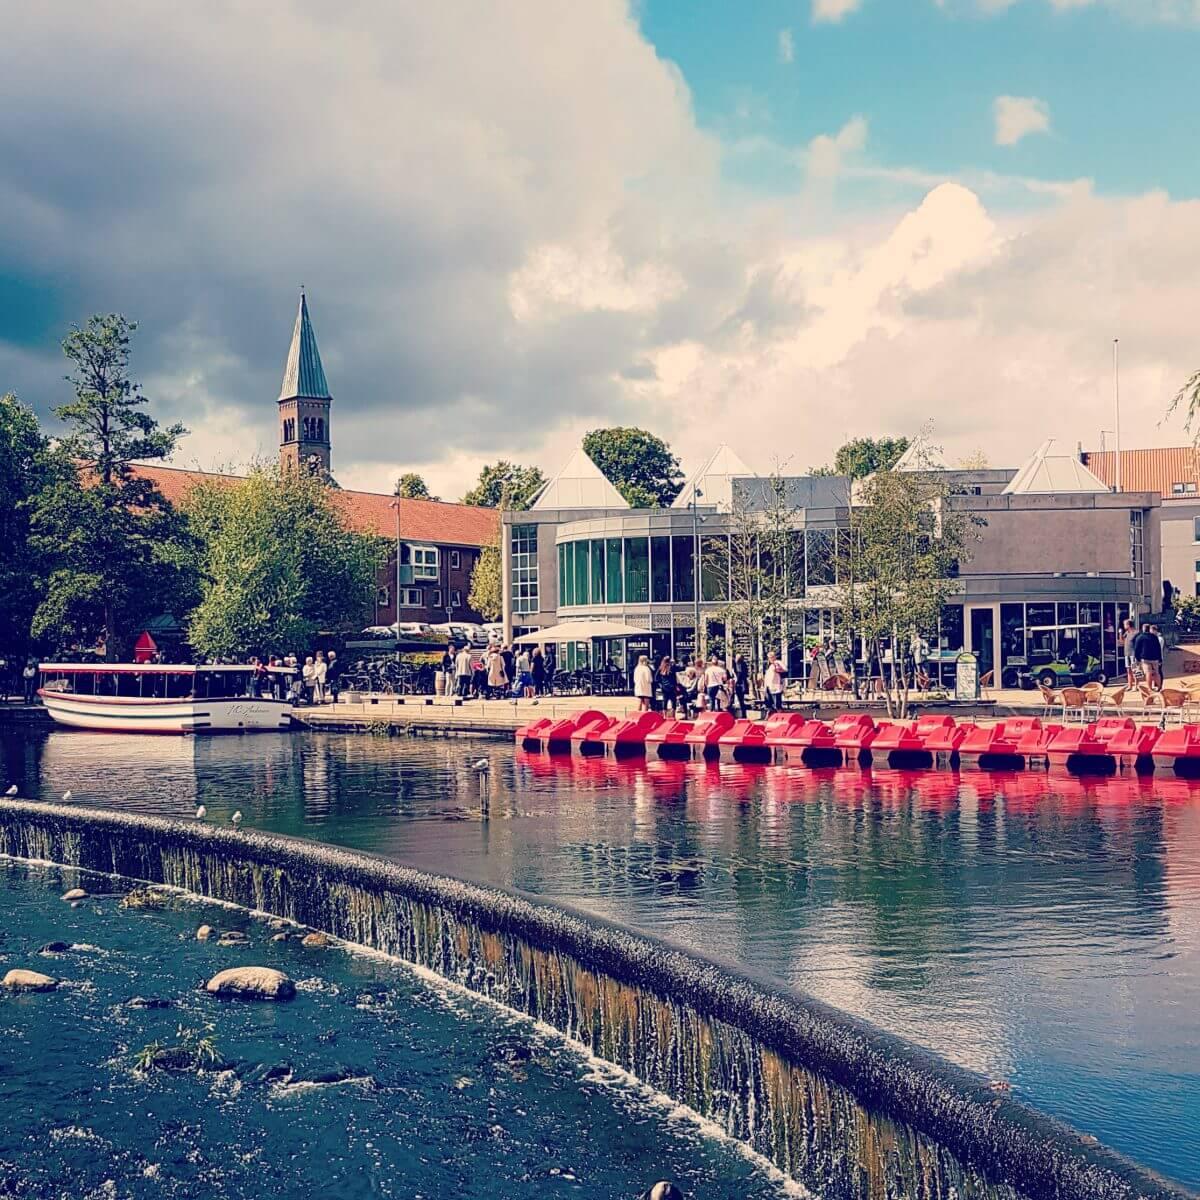 Vakantie met kids: sprookjesachtig Funen in Denemarken - moderne stad Odense met historie van Hans Andersen - Odense River Sailing